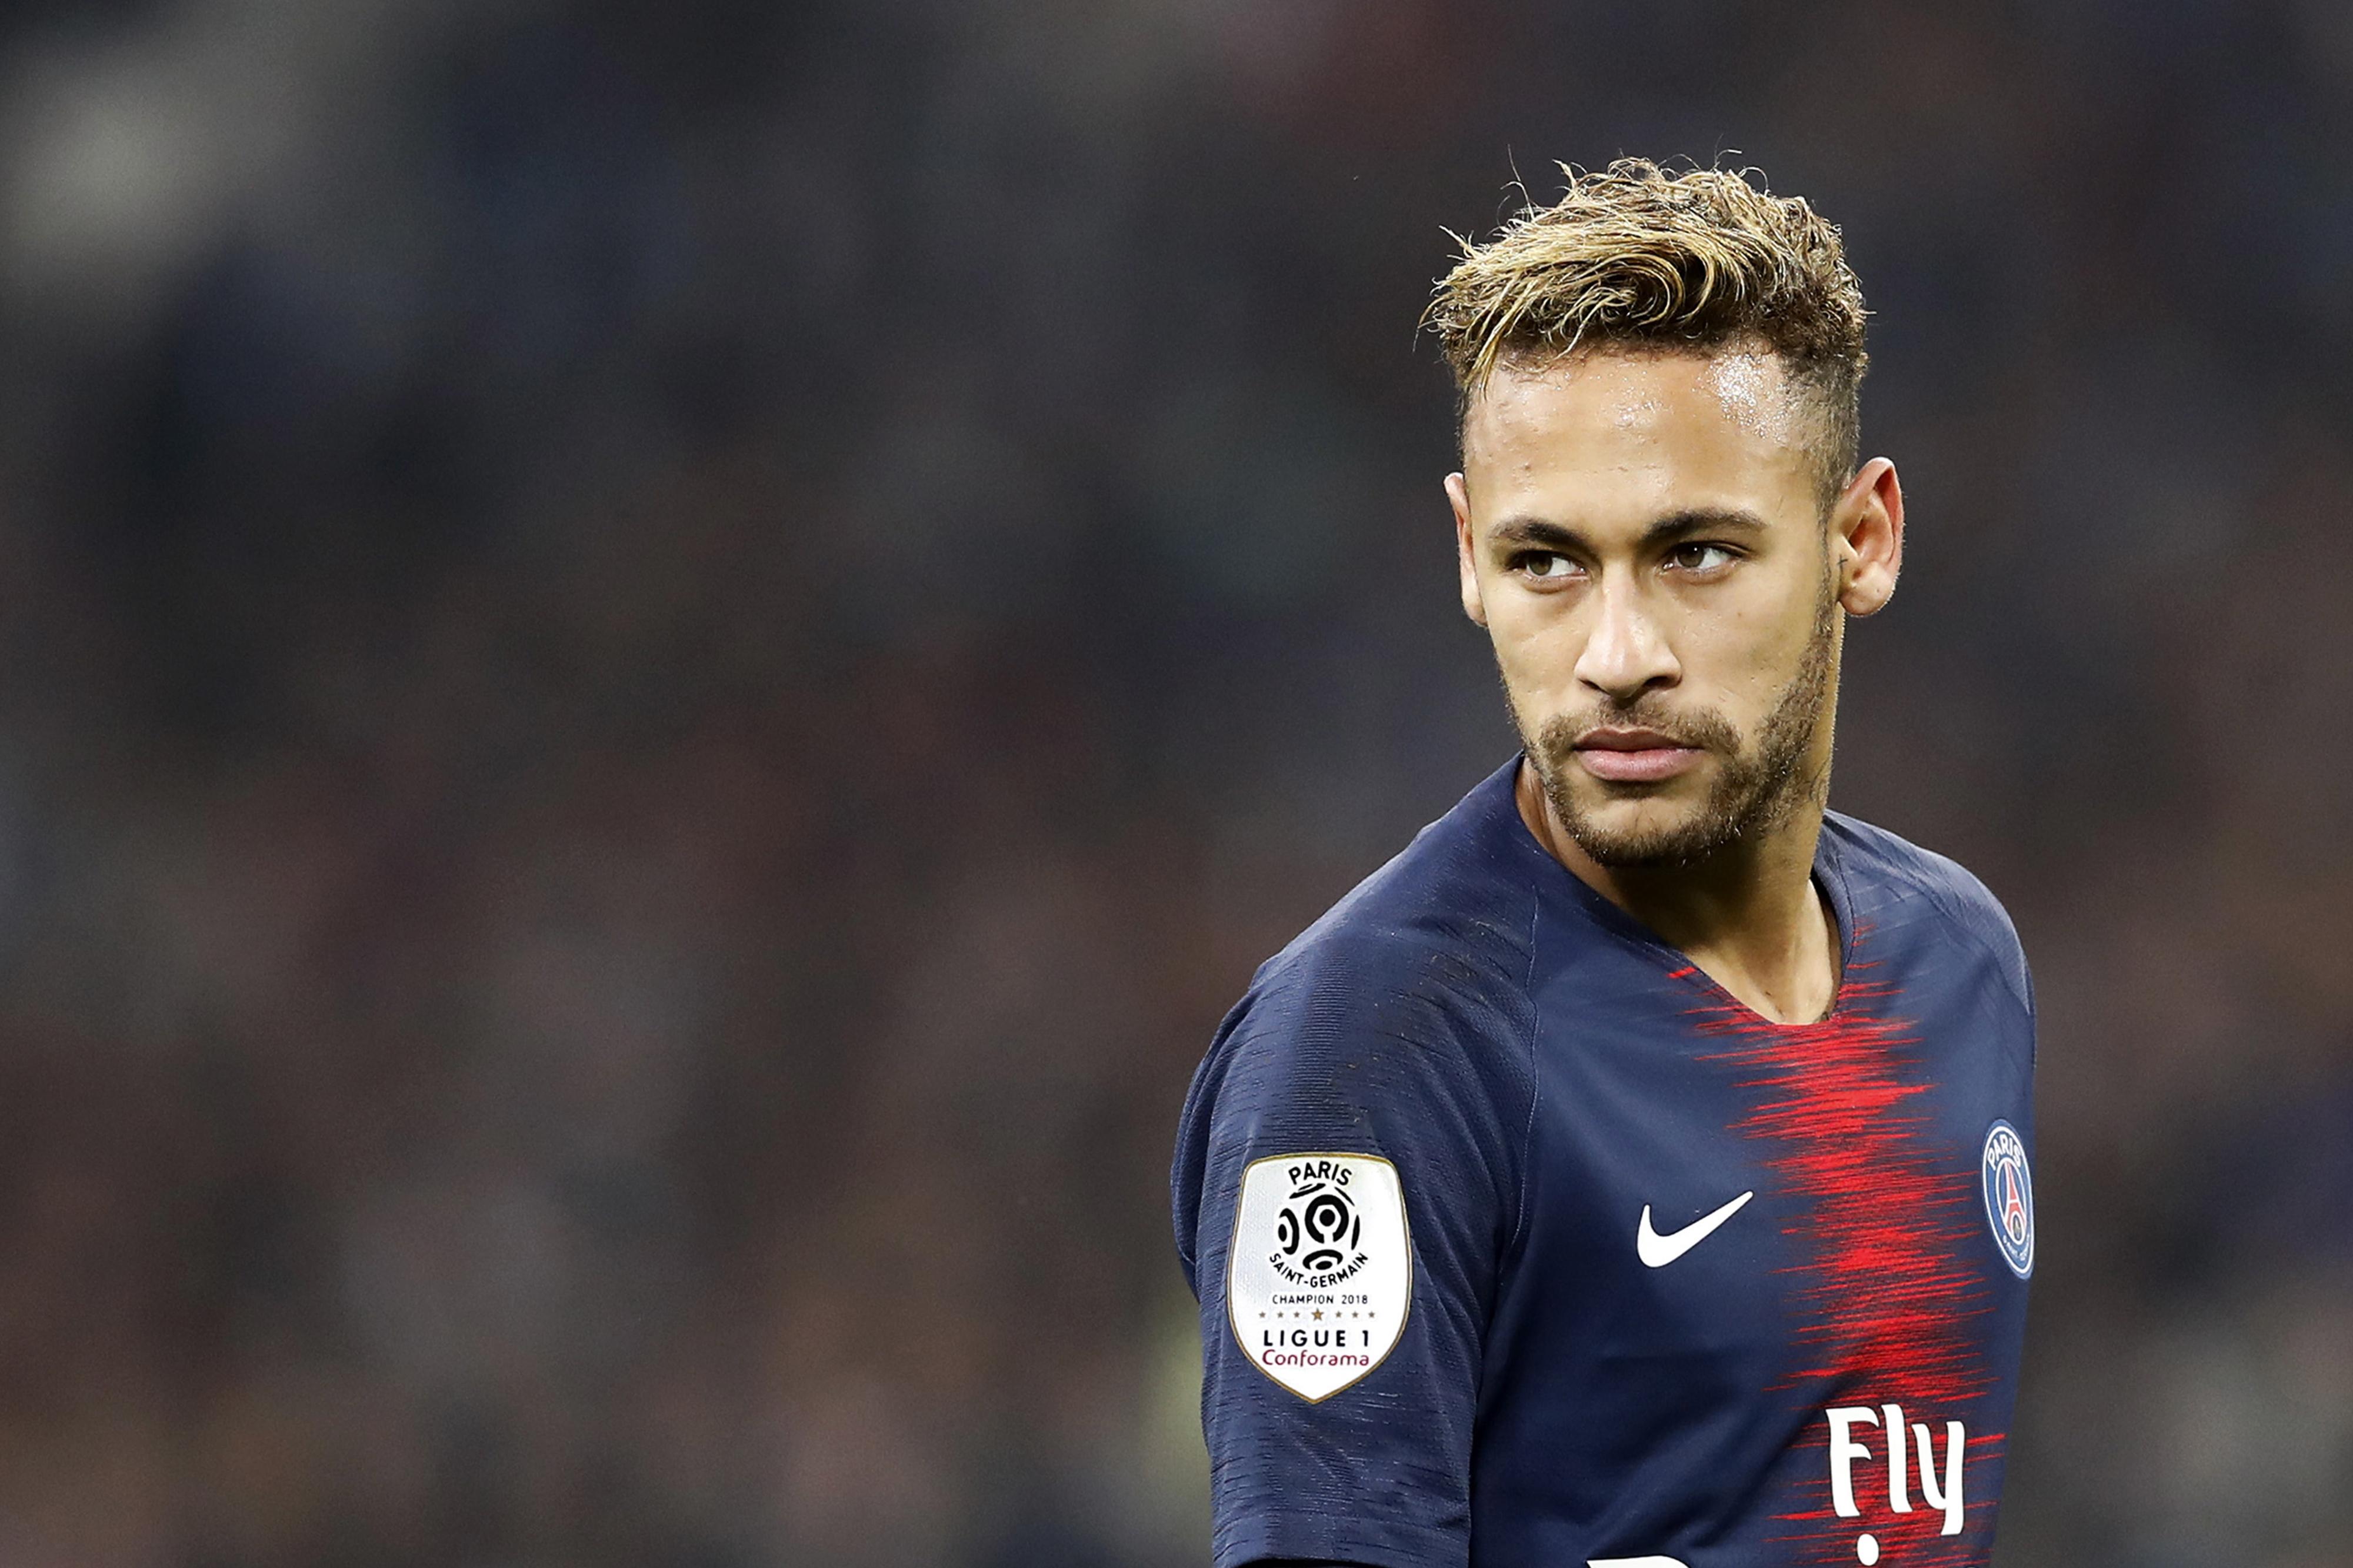 """Neymar recorda dificuldades na infância: """"Um dia disse à minha mãe que ia ser rico e comprar uma fábrica de bolachas. Ela ainda chora quando fala nisso"""""""